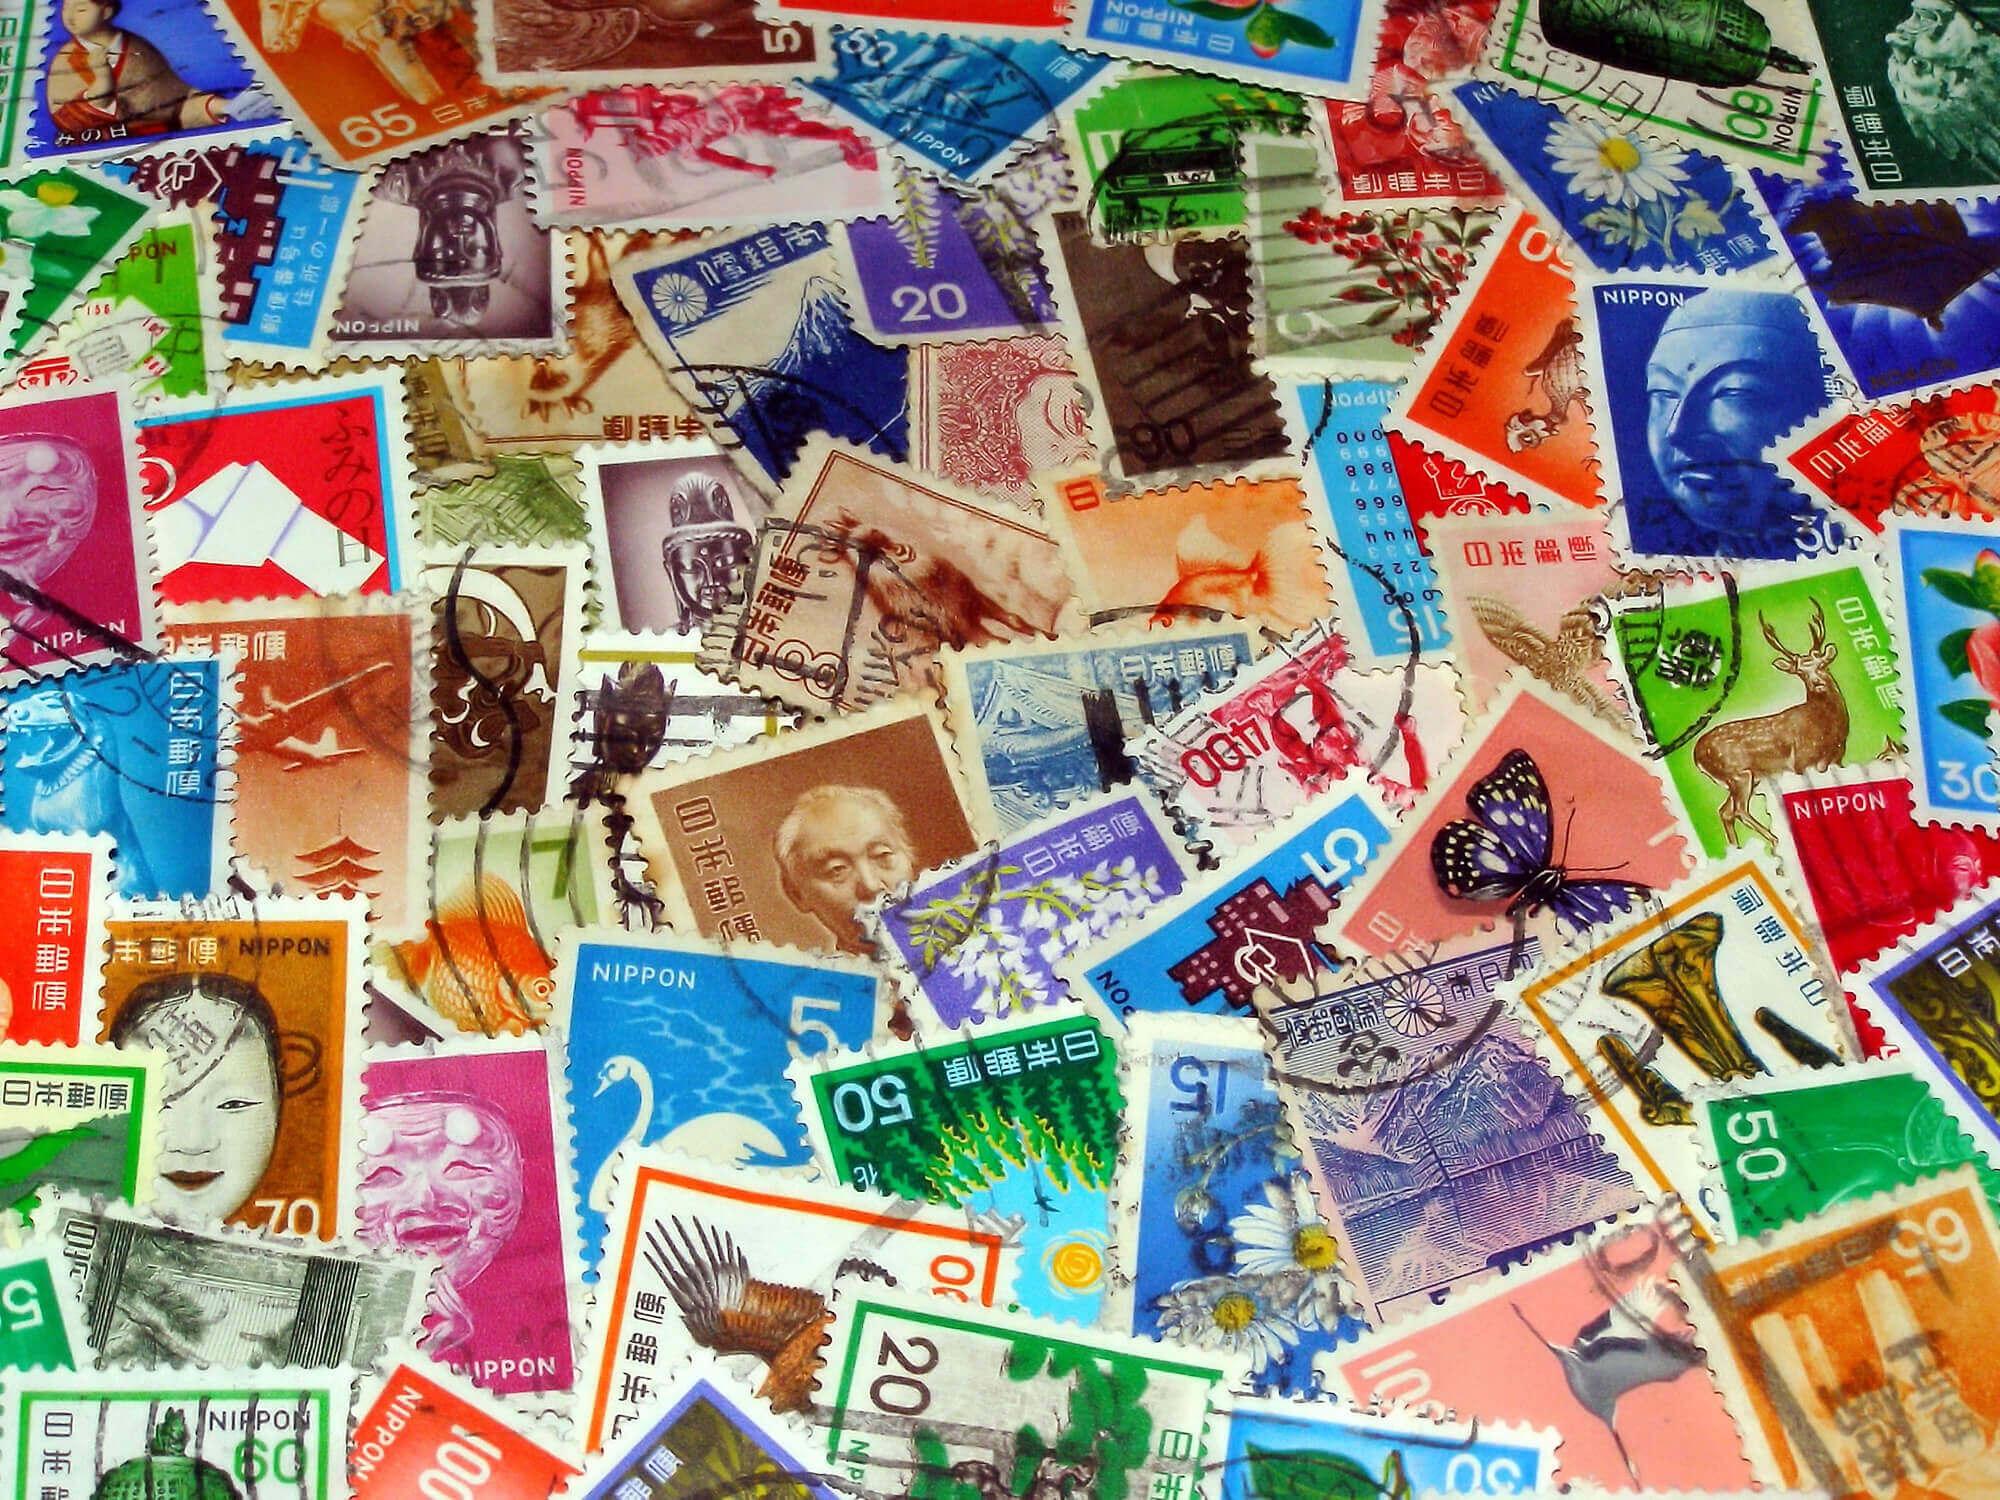 キャラクター切手、ディズニー切手は高く買取ってもらえる?